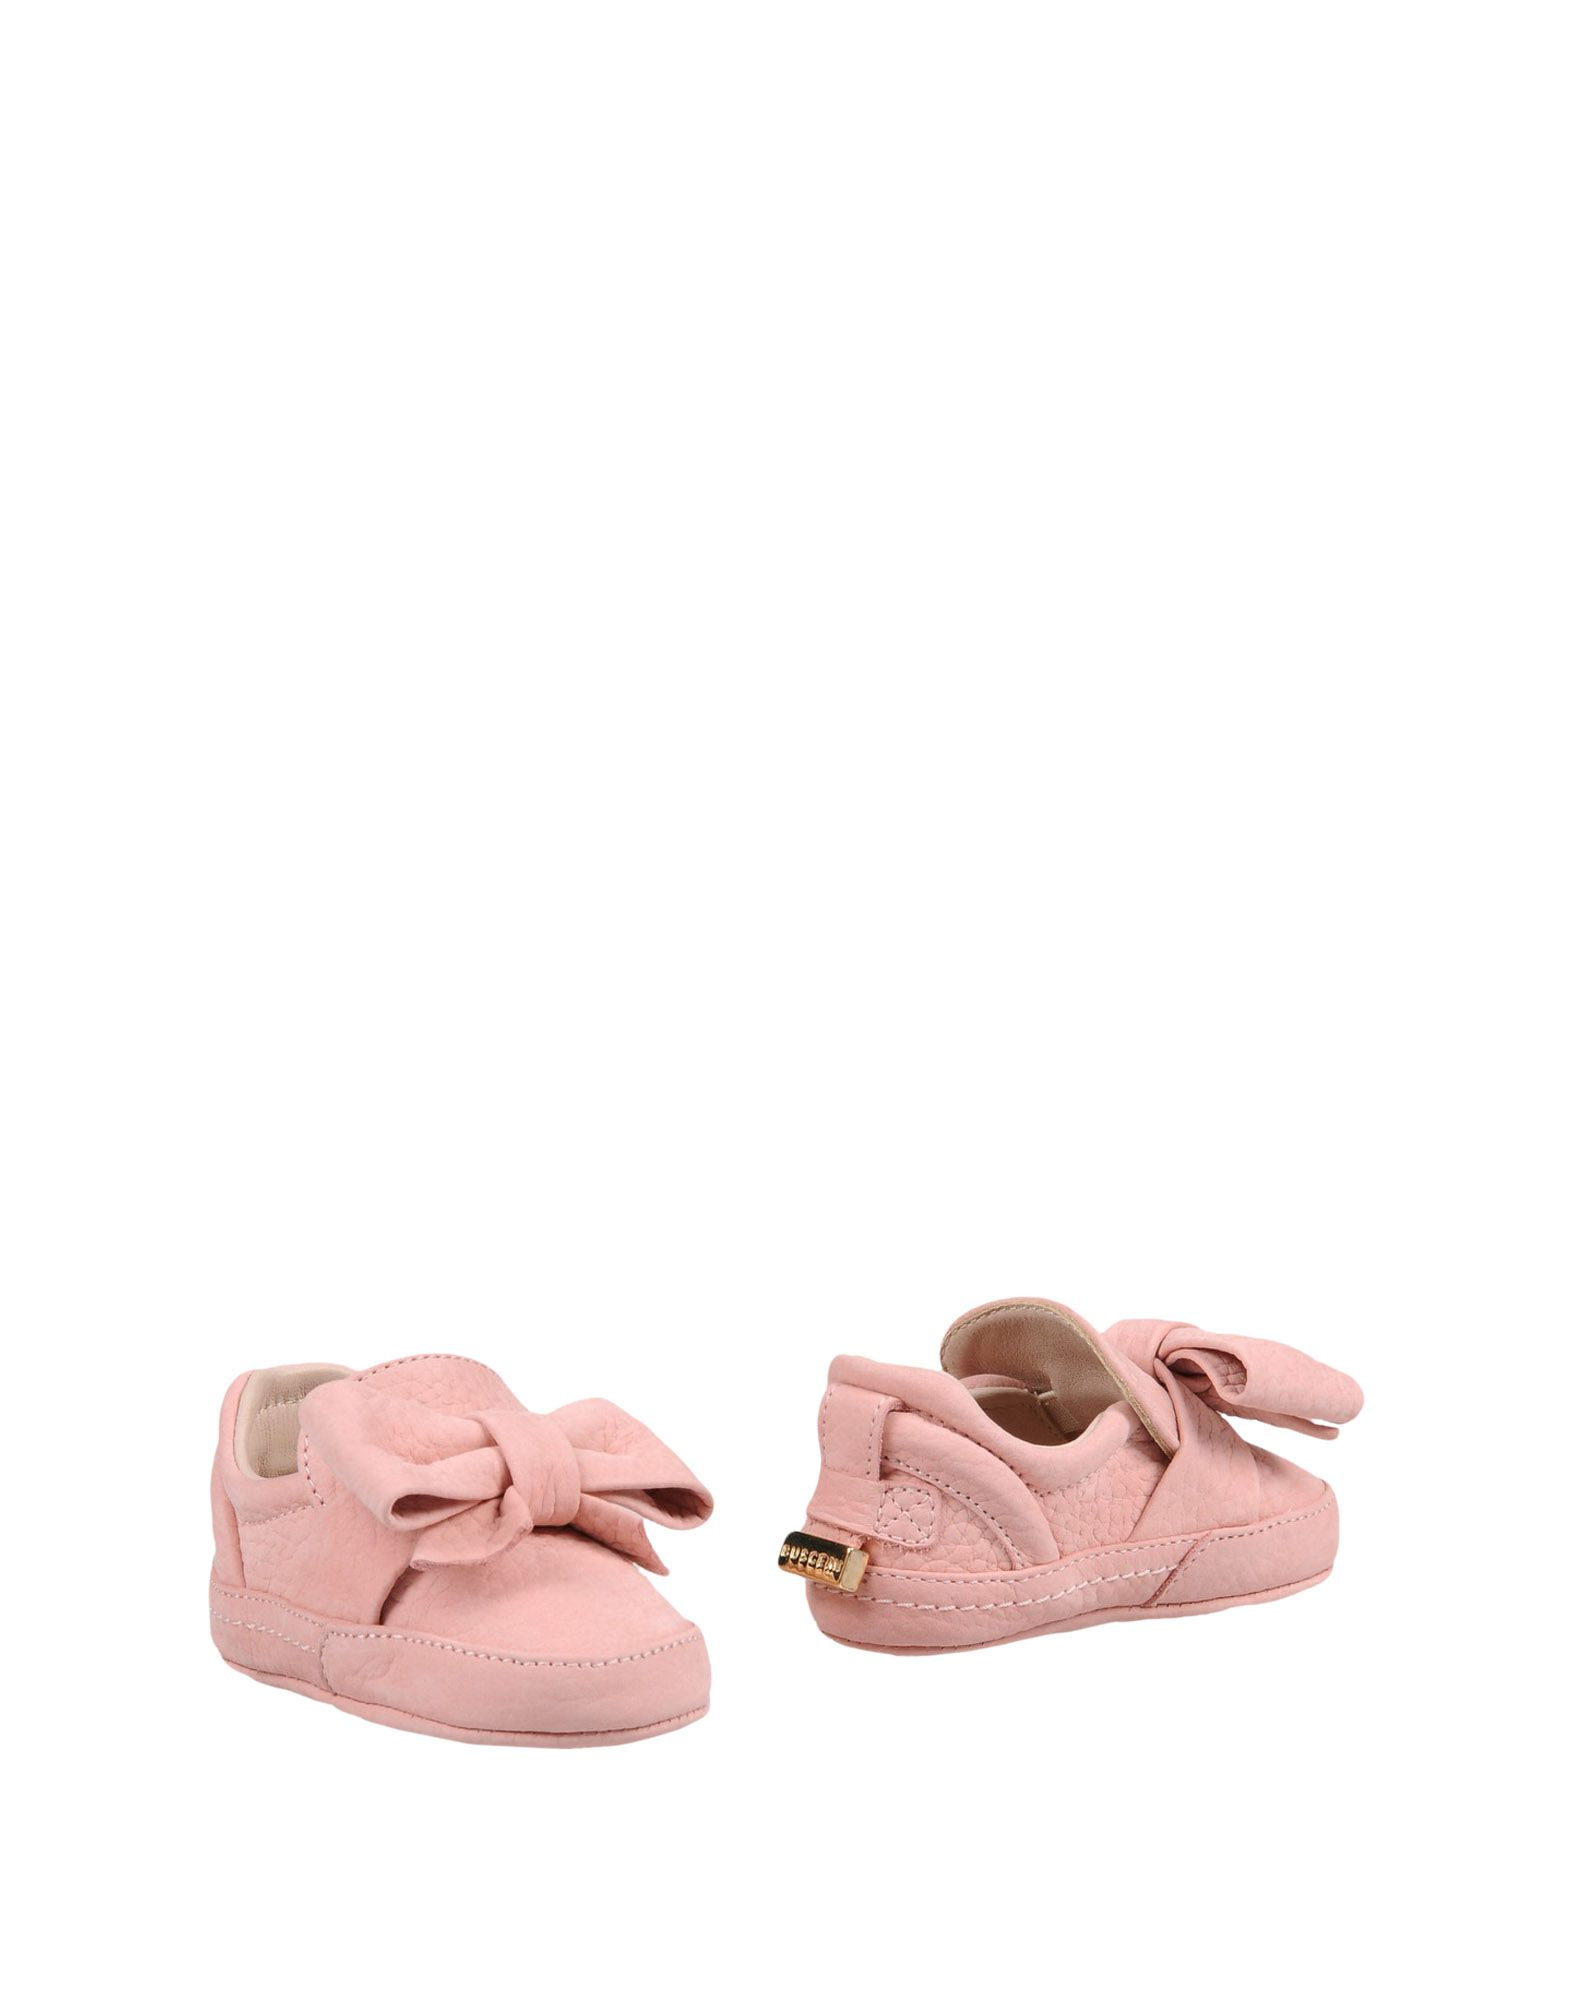 BUSCEMI Обувь для новорожденных